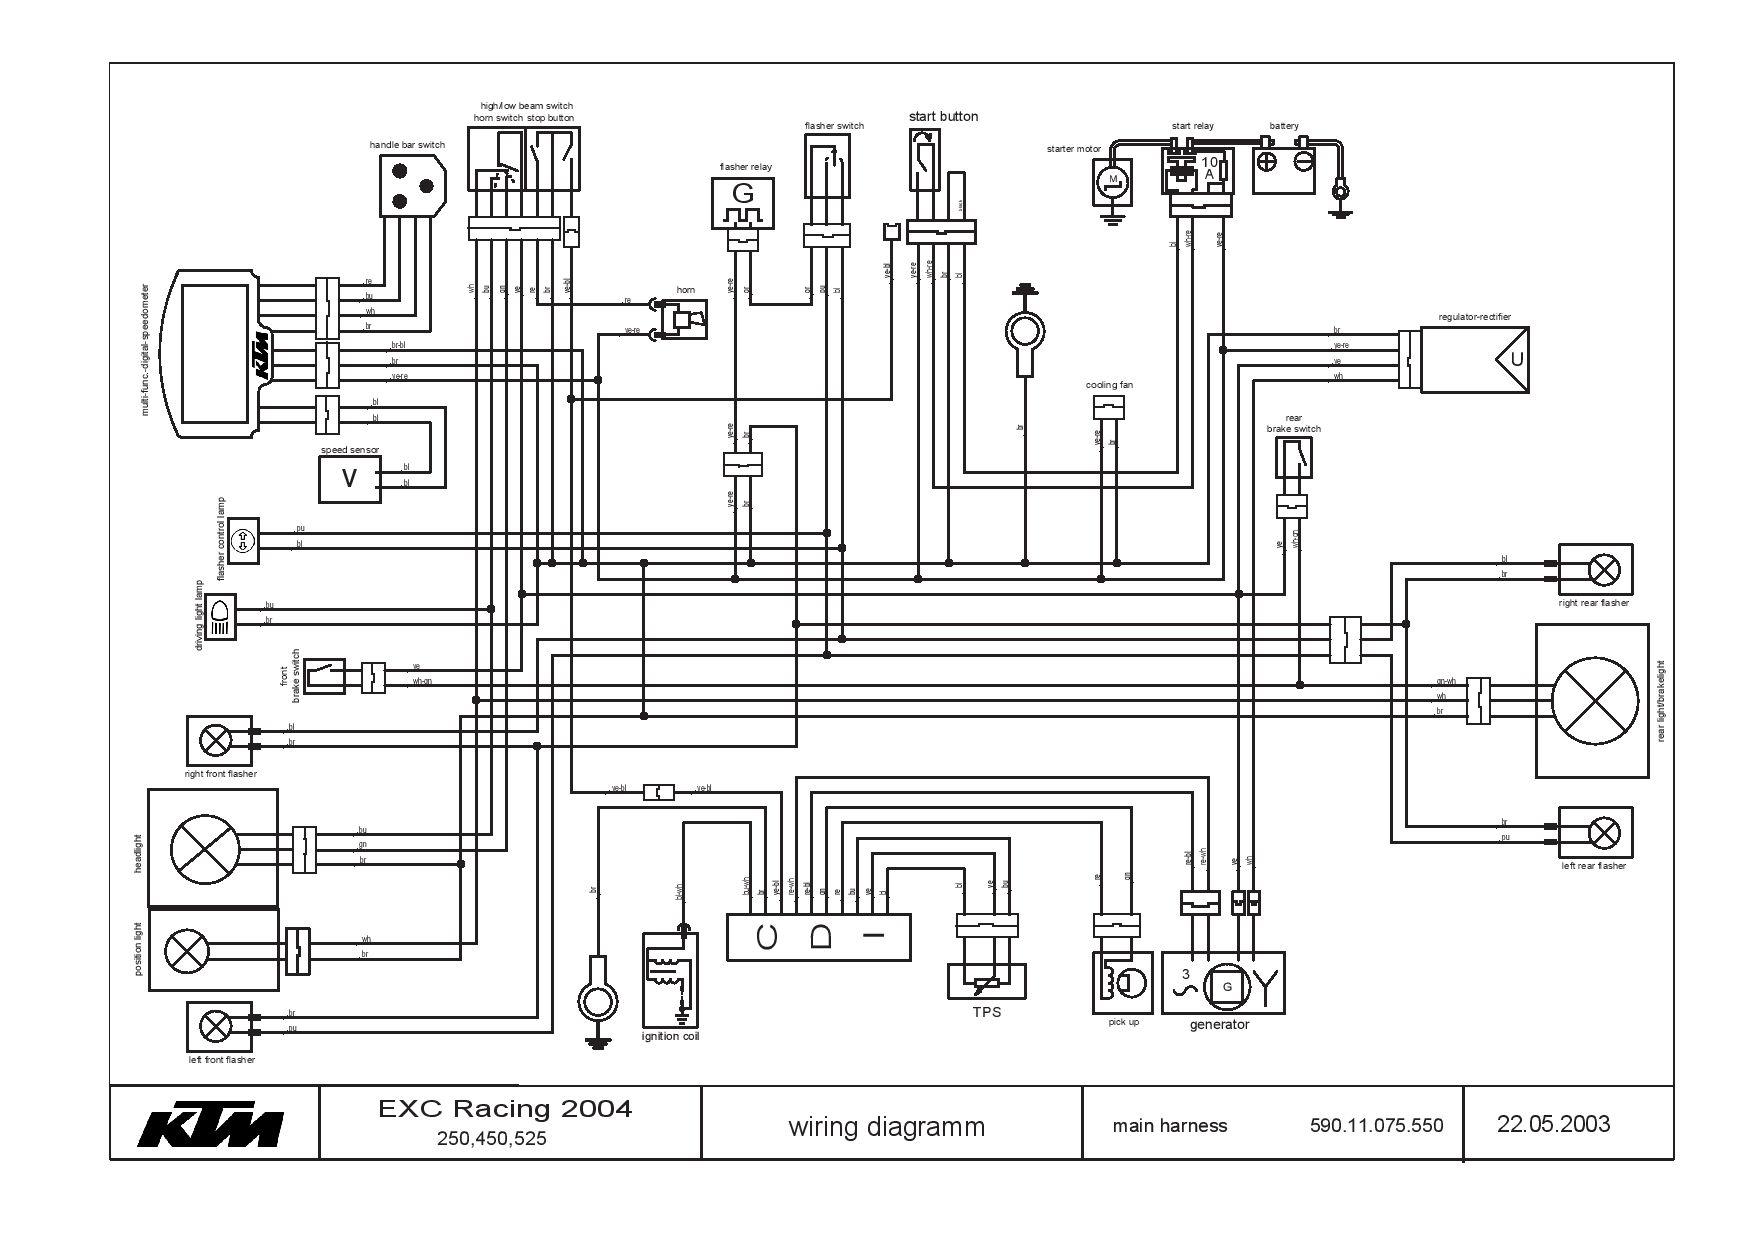 Ktm 250 450 525 Exc Sc 2004 Schema Electrica Pdf Download Service Manual Repair Manual Pdf Download Repair Manuals Ktm Ktm 250